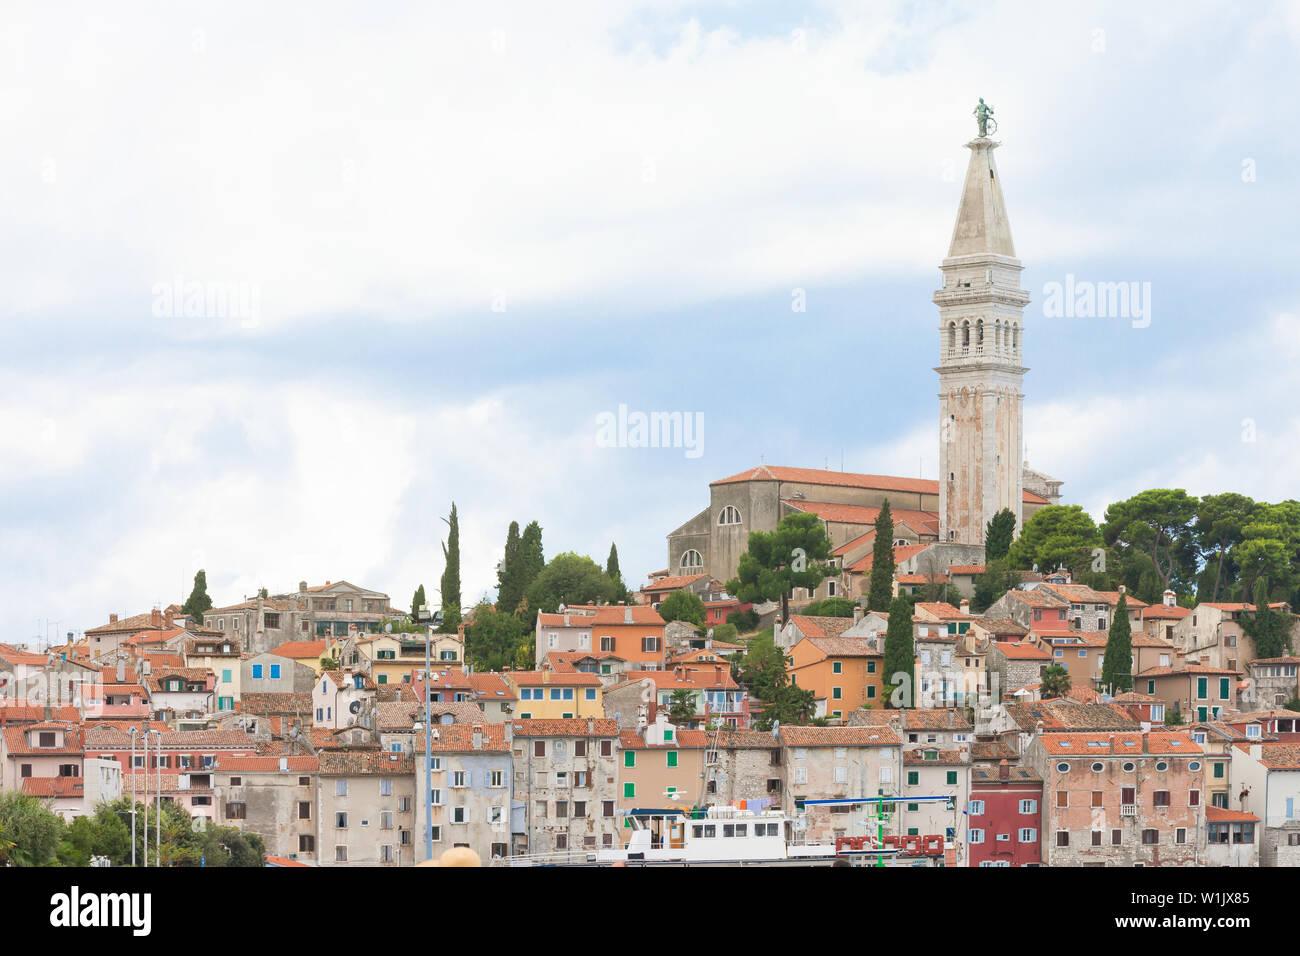 Rovinj, Istrien, Kroatien, Europa - Blick auf die Altstadt von Rovinj Stockfoto